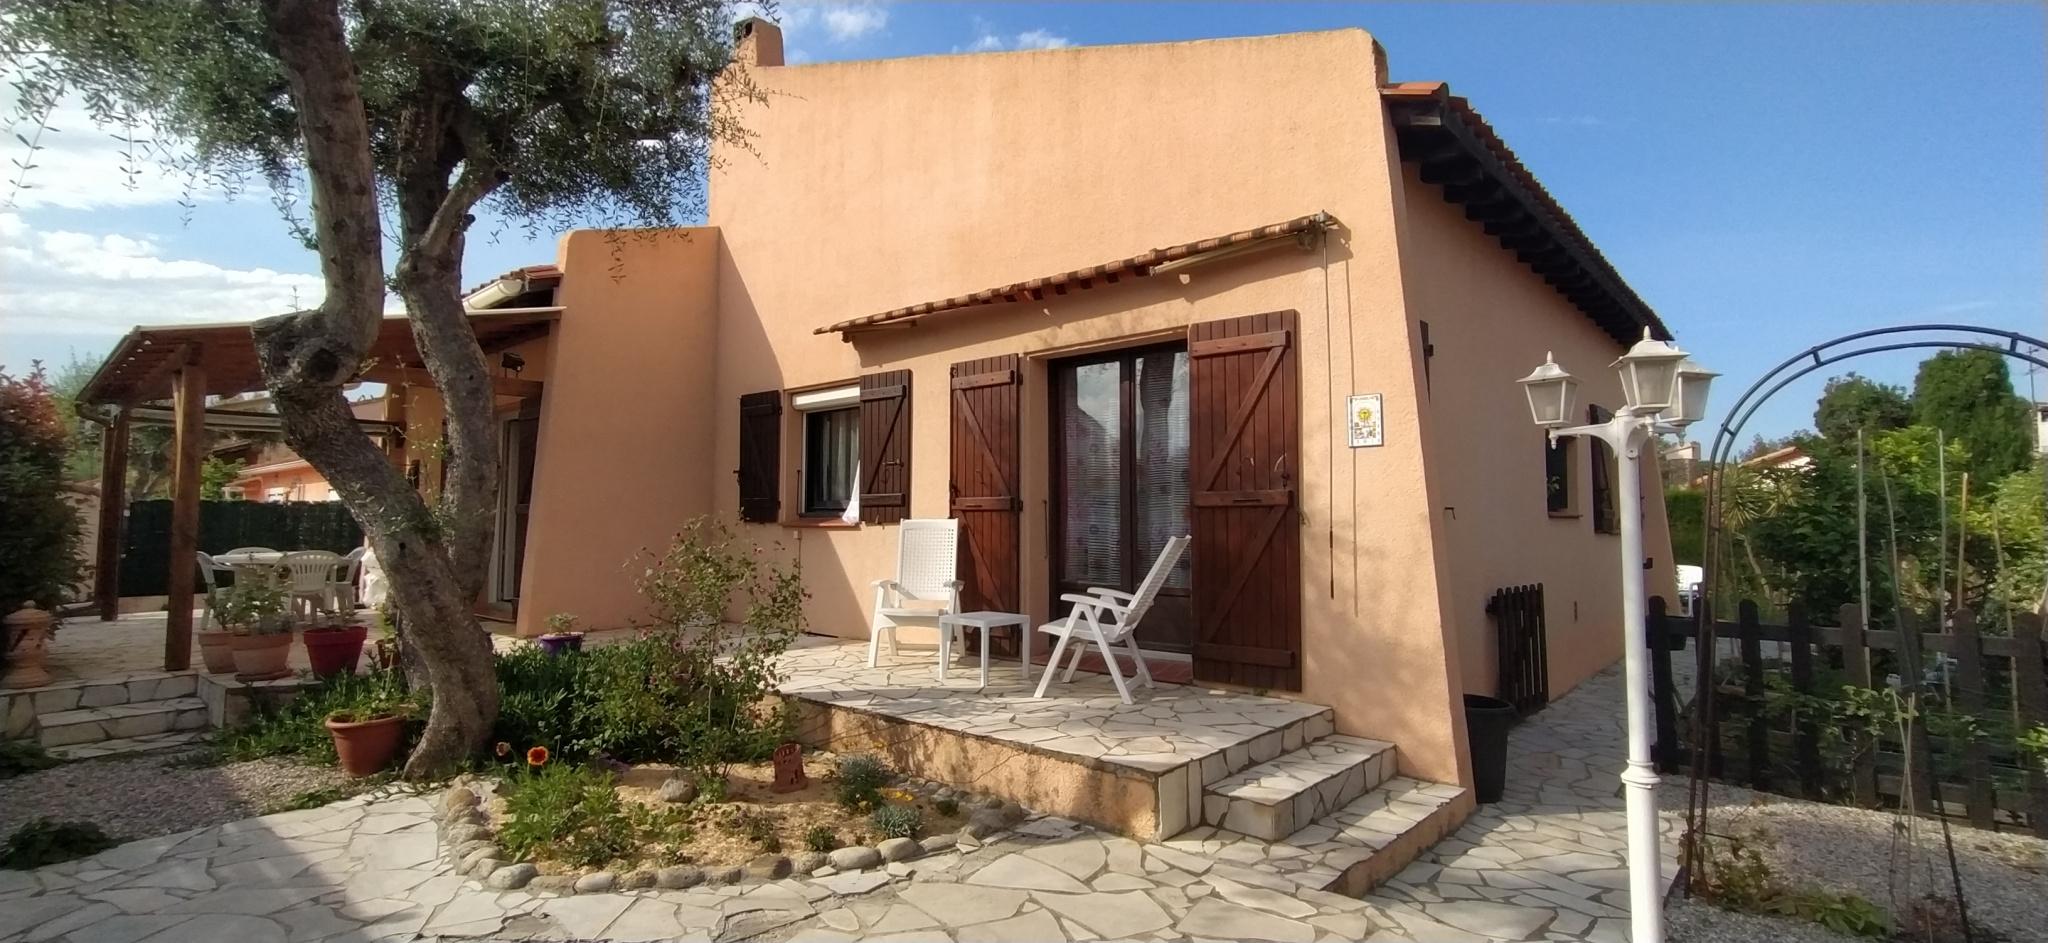 À vendre maison/villa de 140m2 à argeles sur mer (66700) - Photo 0'